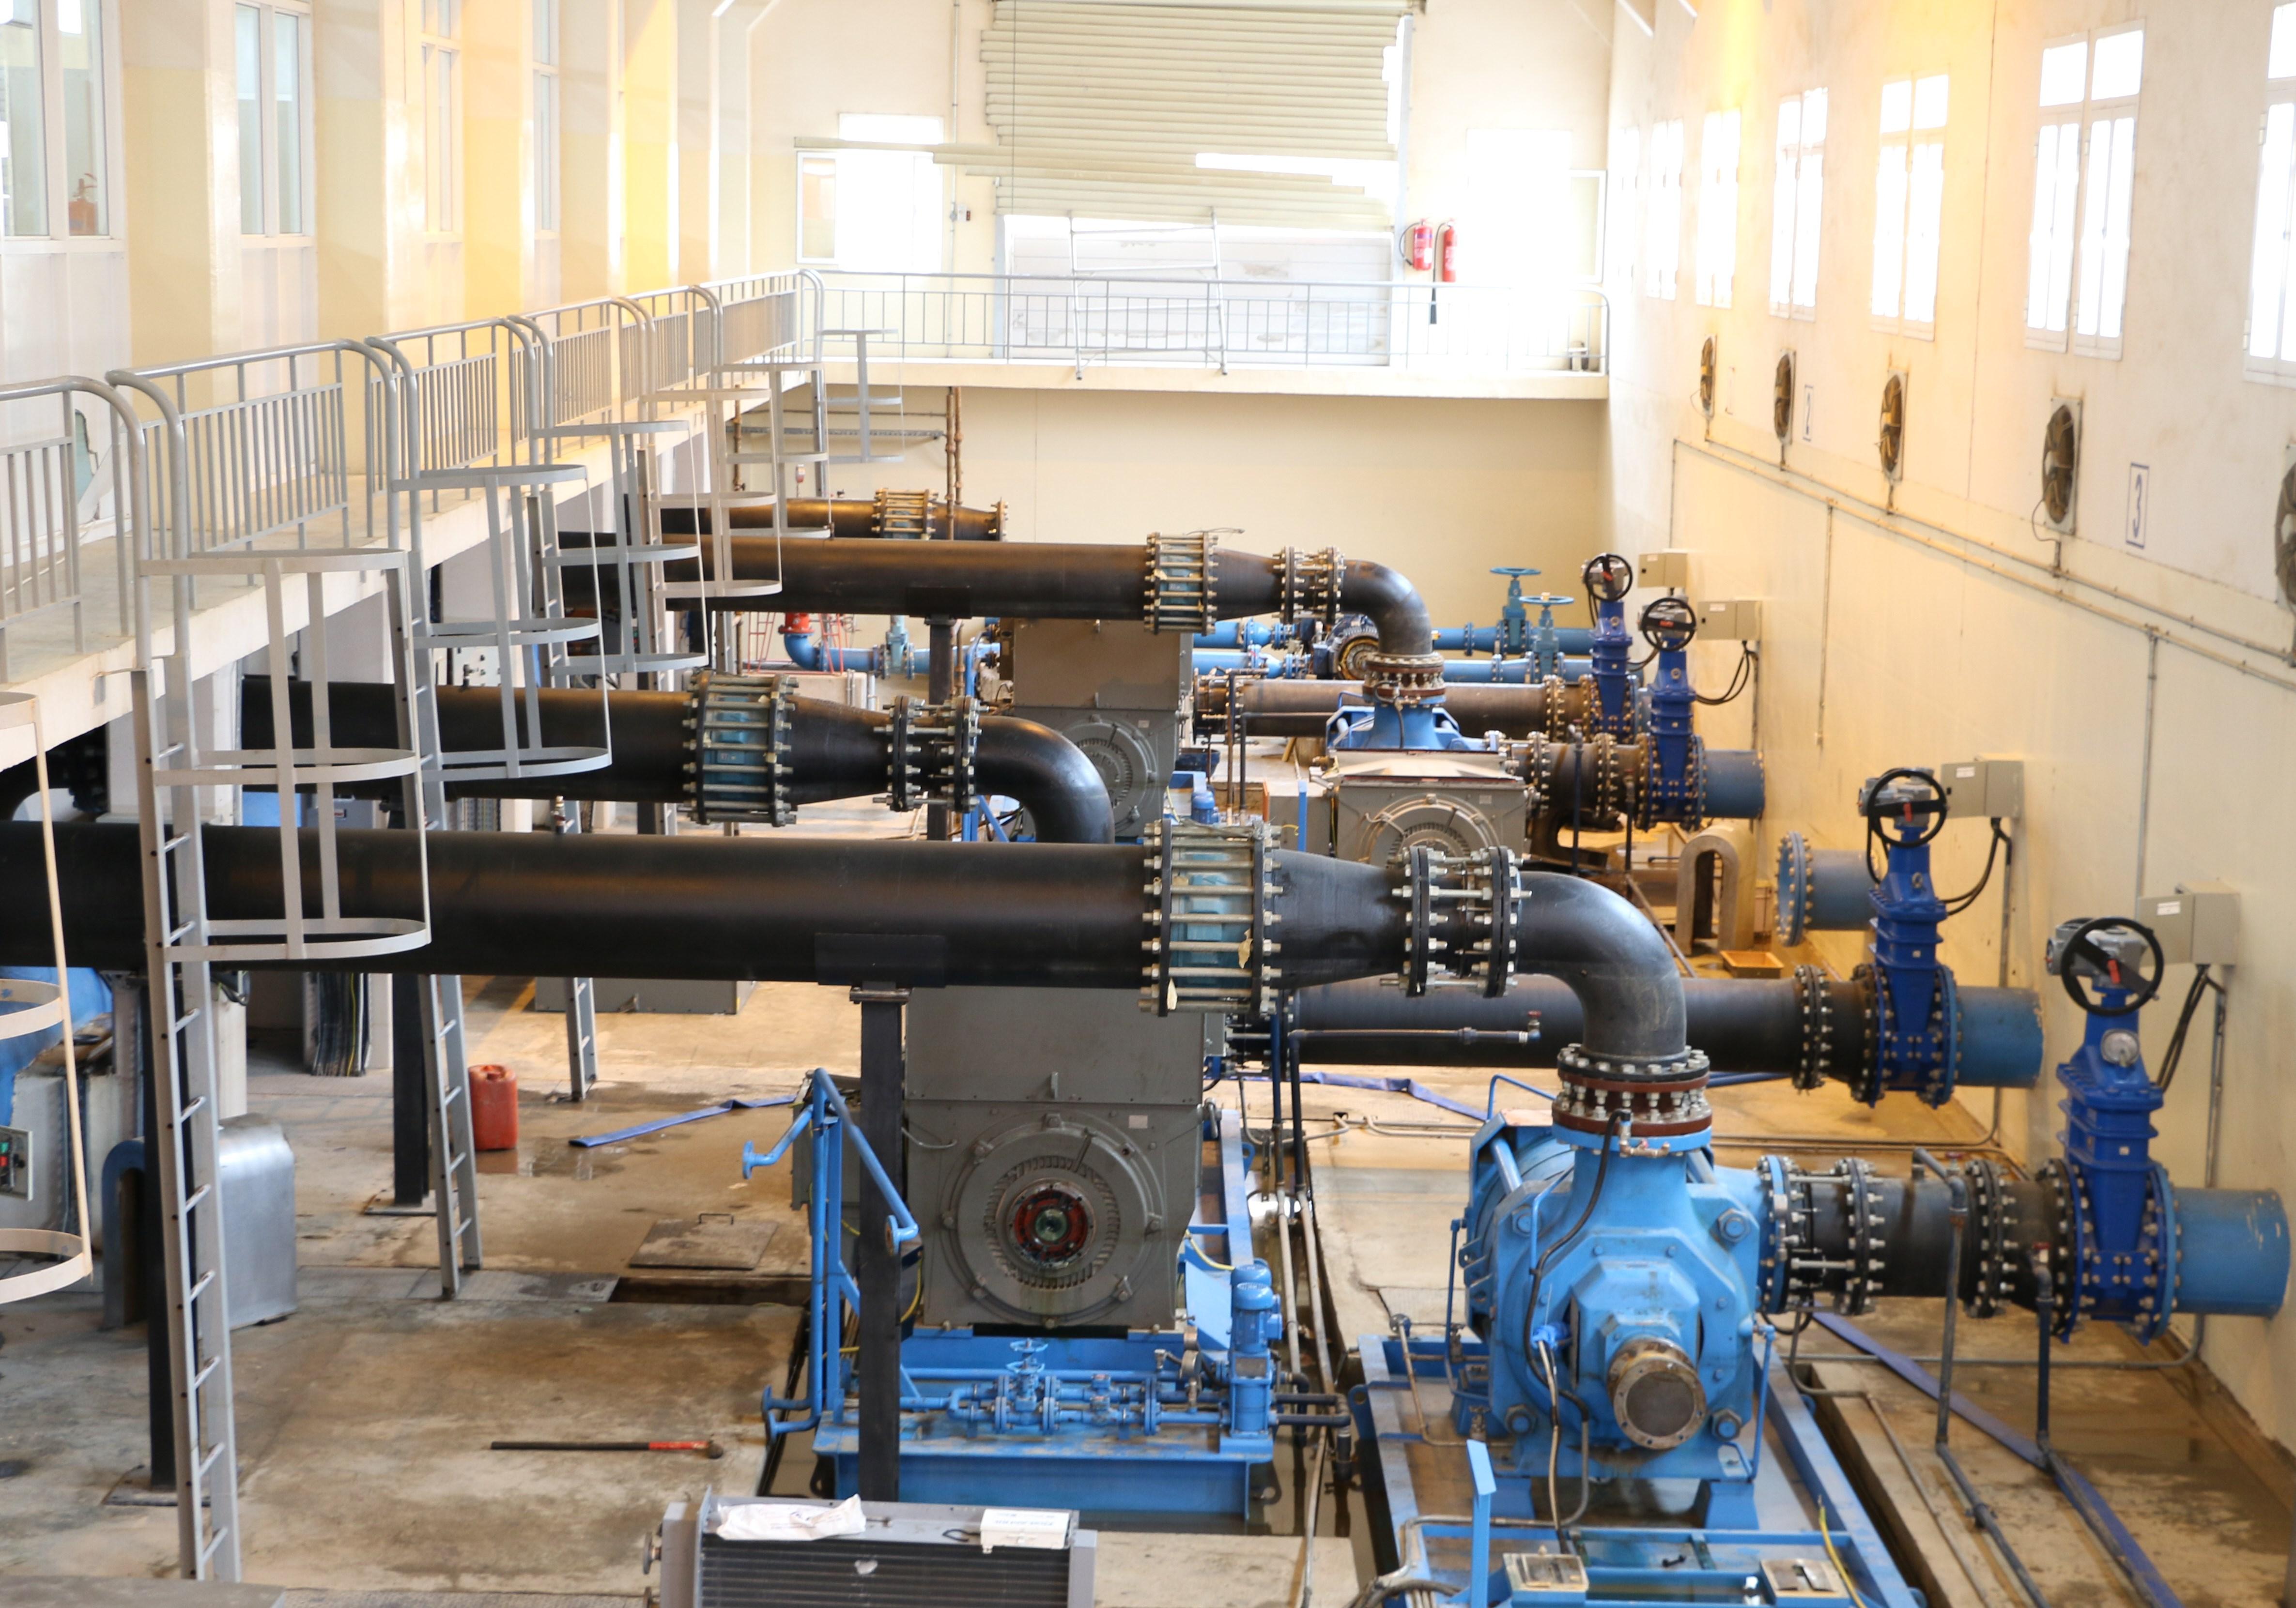 الهيئة العامة للكهرباء والمياه تباشر إصلاح الخلل الفني في محطة الضخ بفنجاء